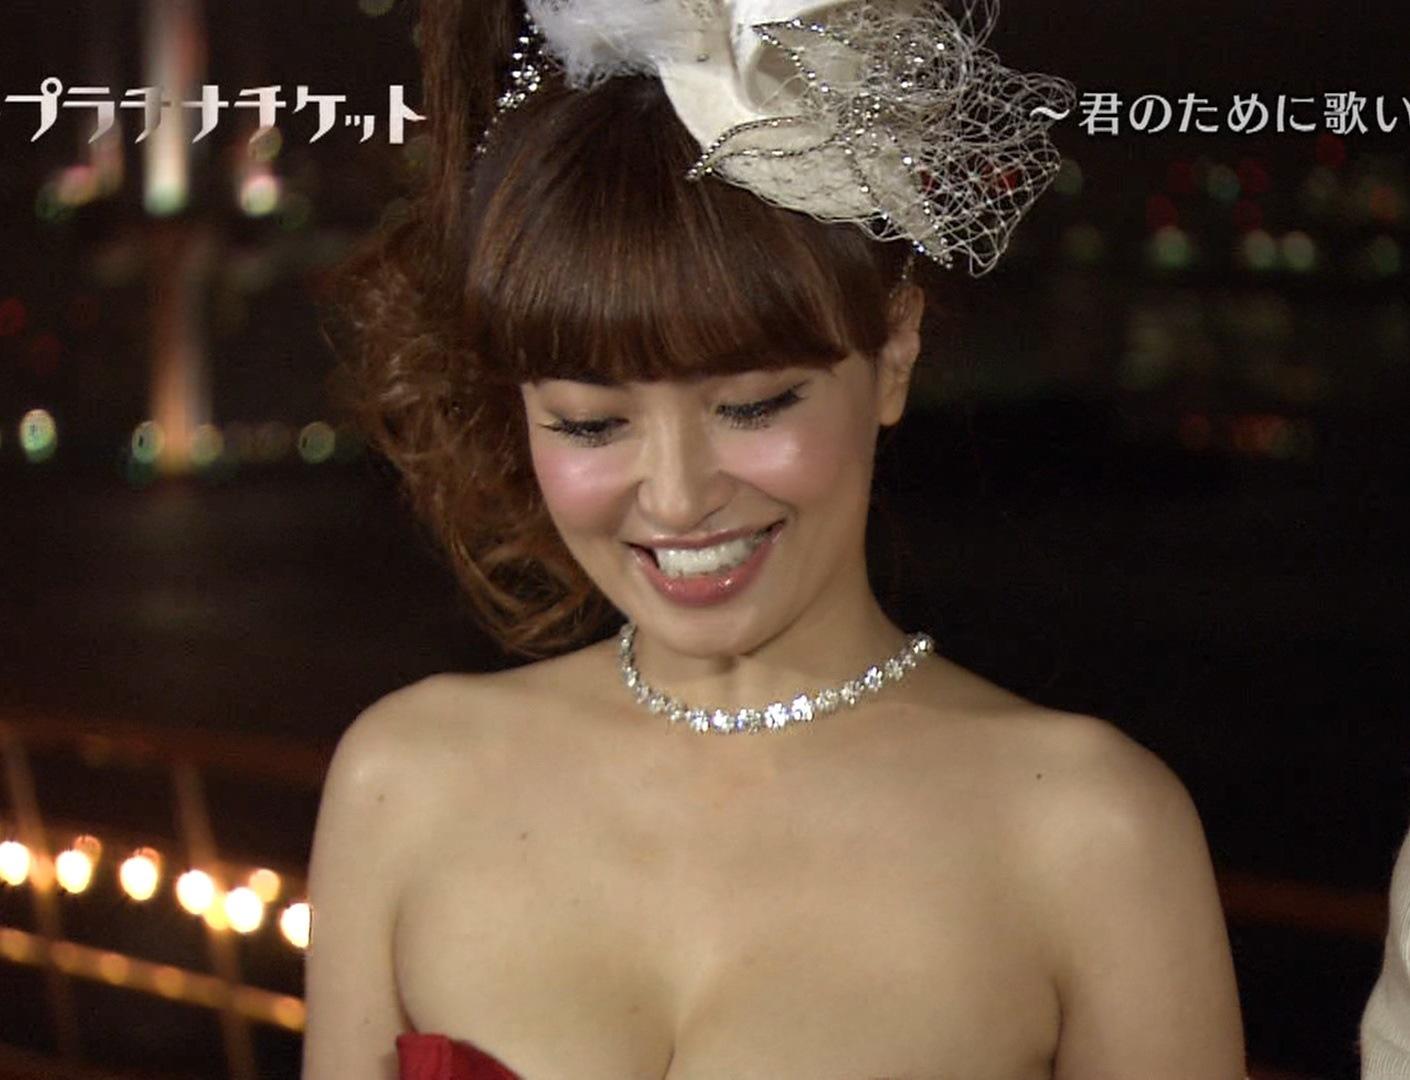 平子理沙 おっぱい超露出ドレスキャプ画像(エロ・アイコラ画像)